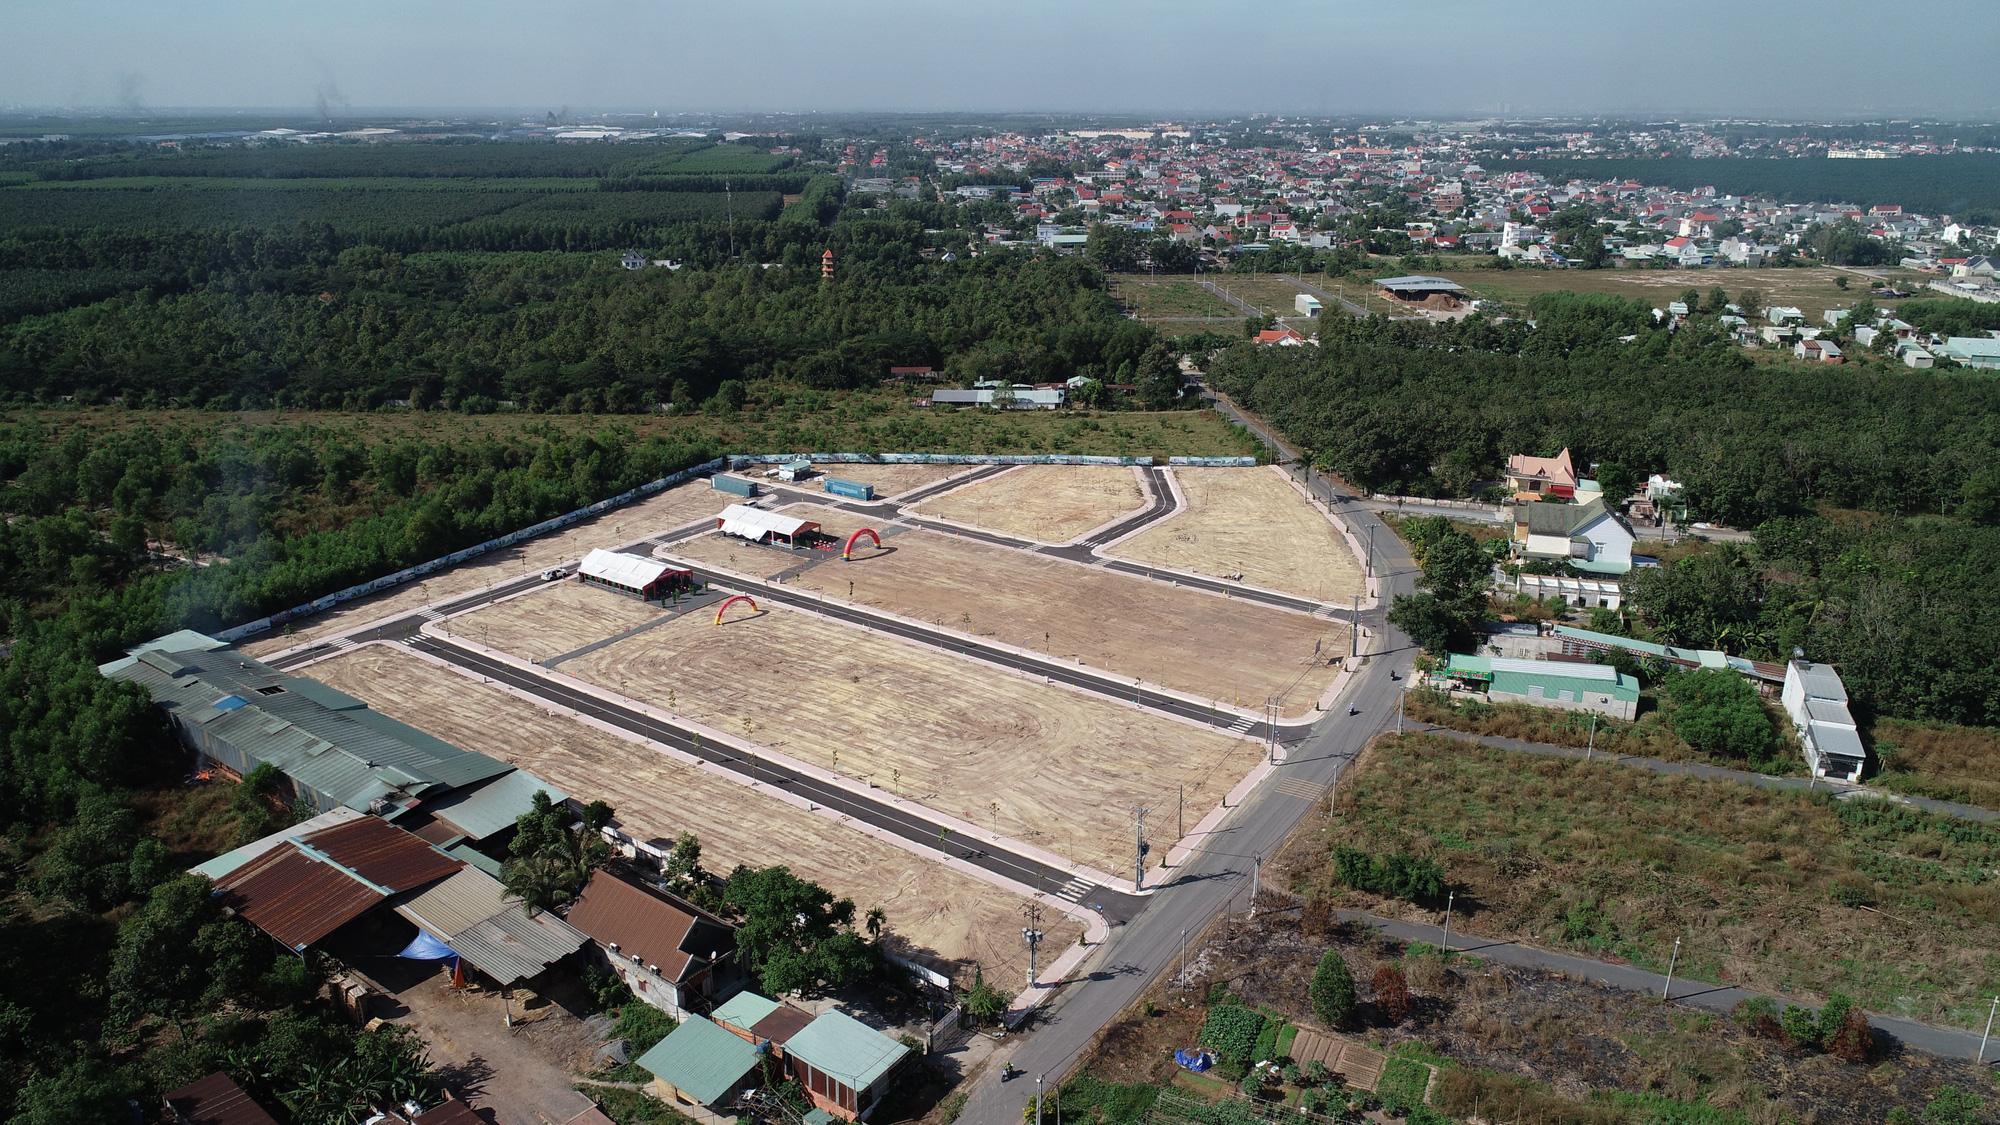 Mạo danh ngân hàng dụ khách mua nhà đất ở 'thành phố Thủ Đức' - Ảnh 2.